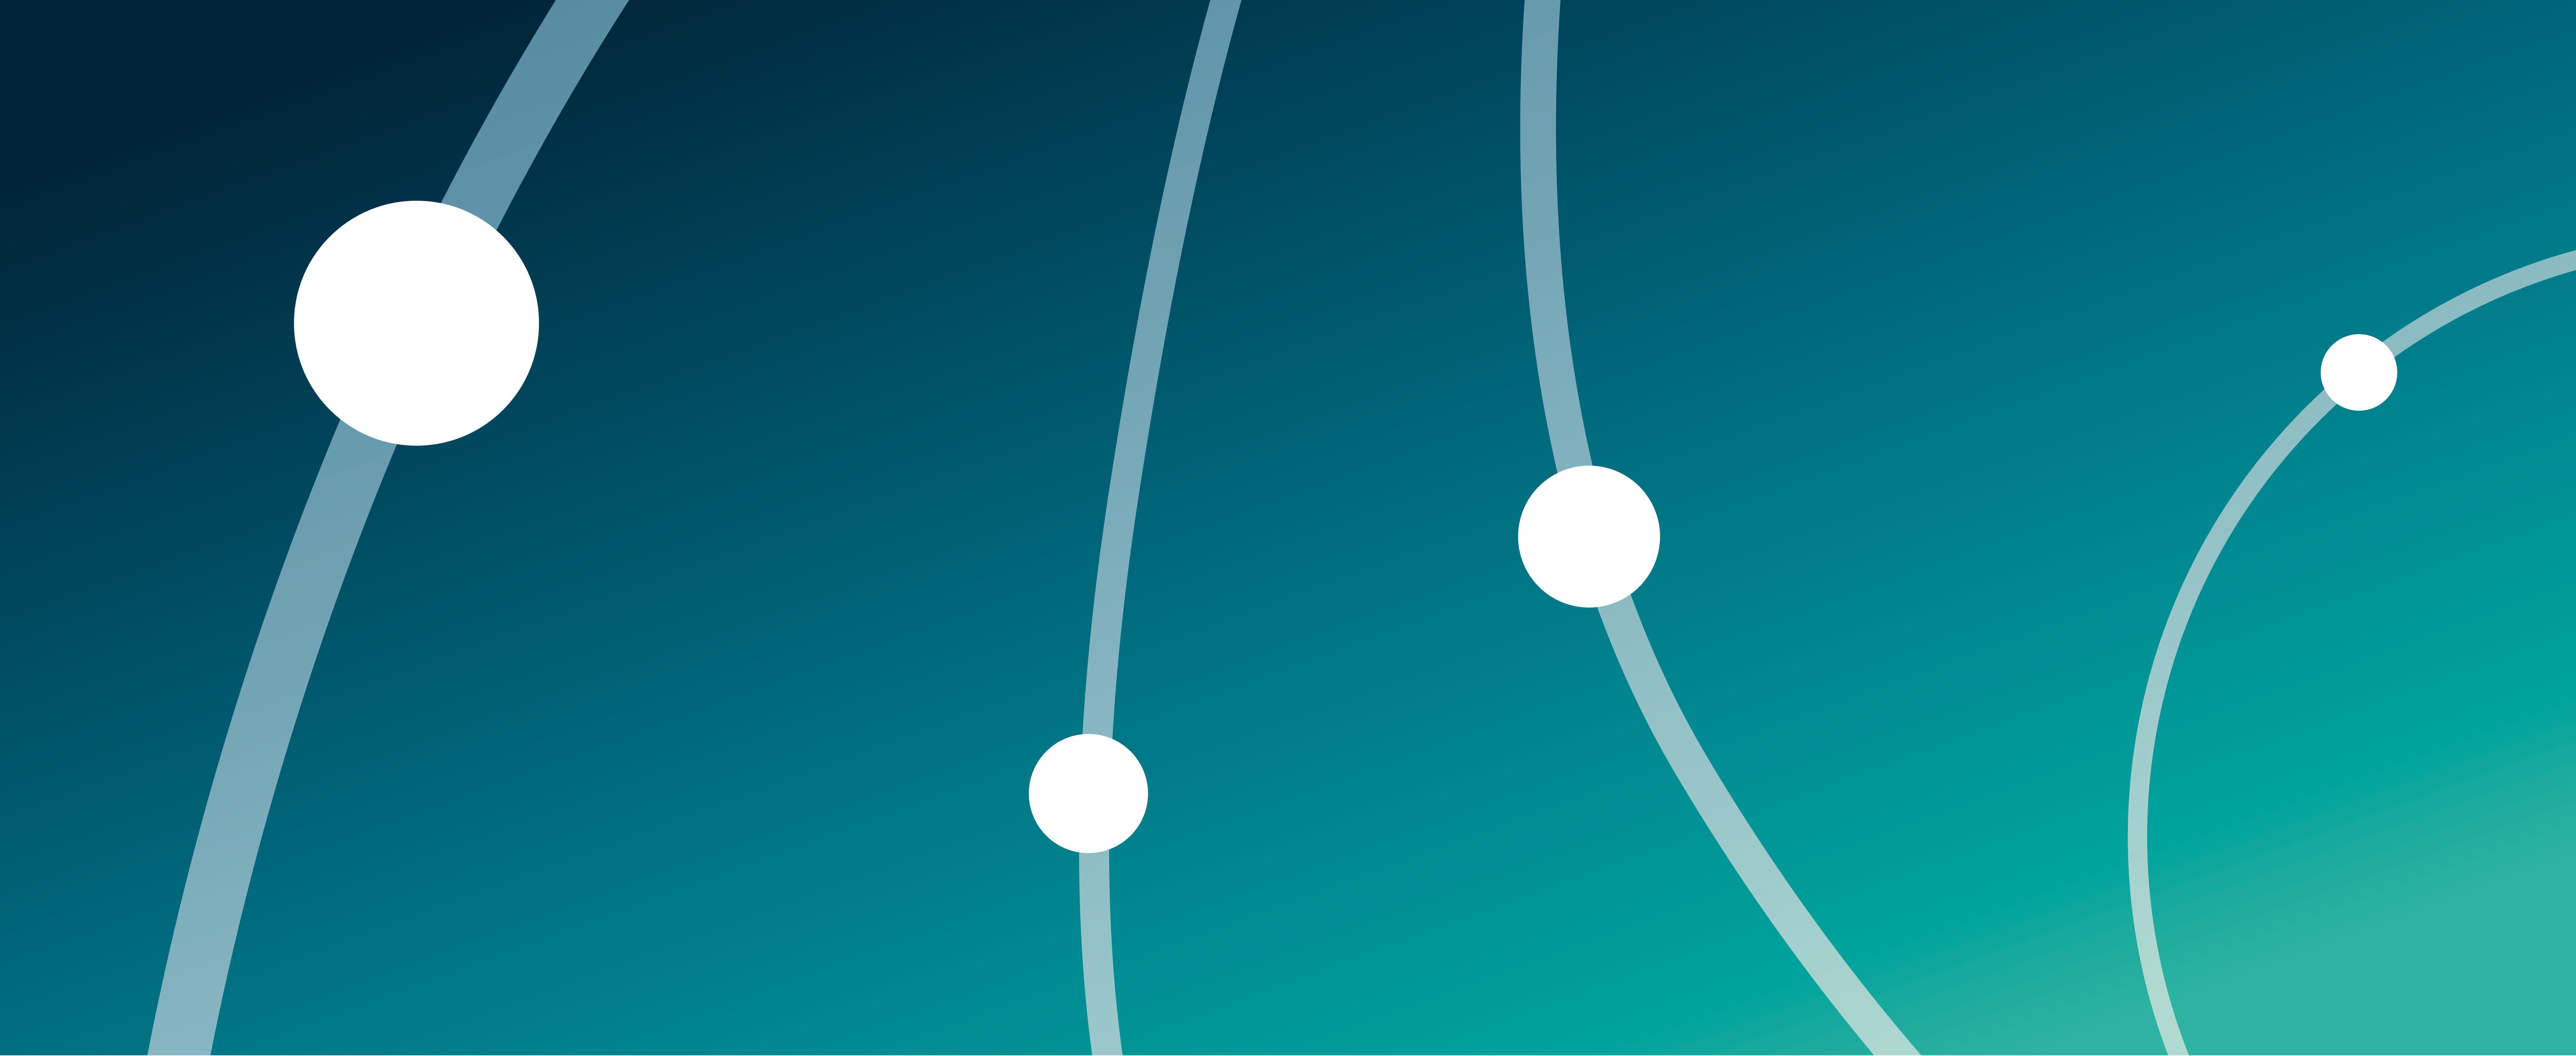 Visual Projekte mit Linien und Punkten